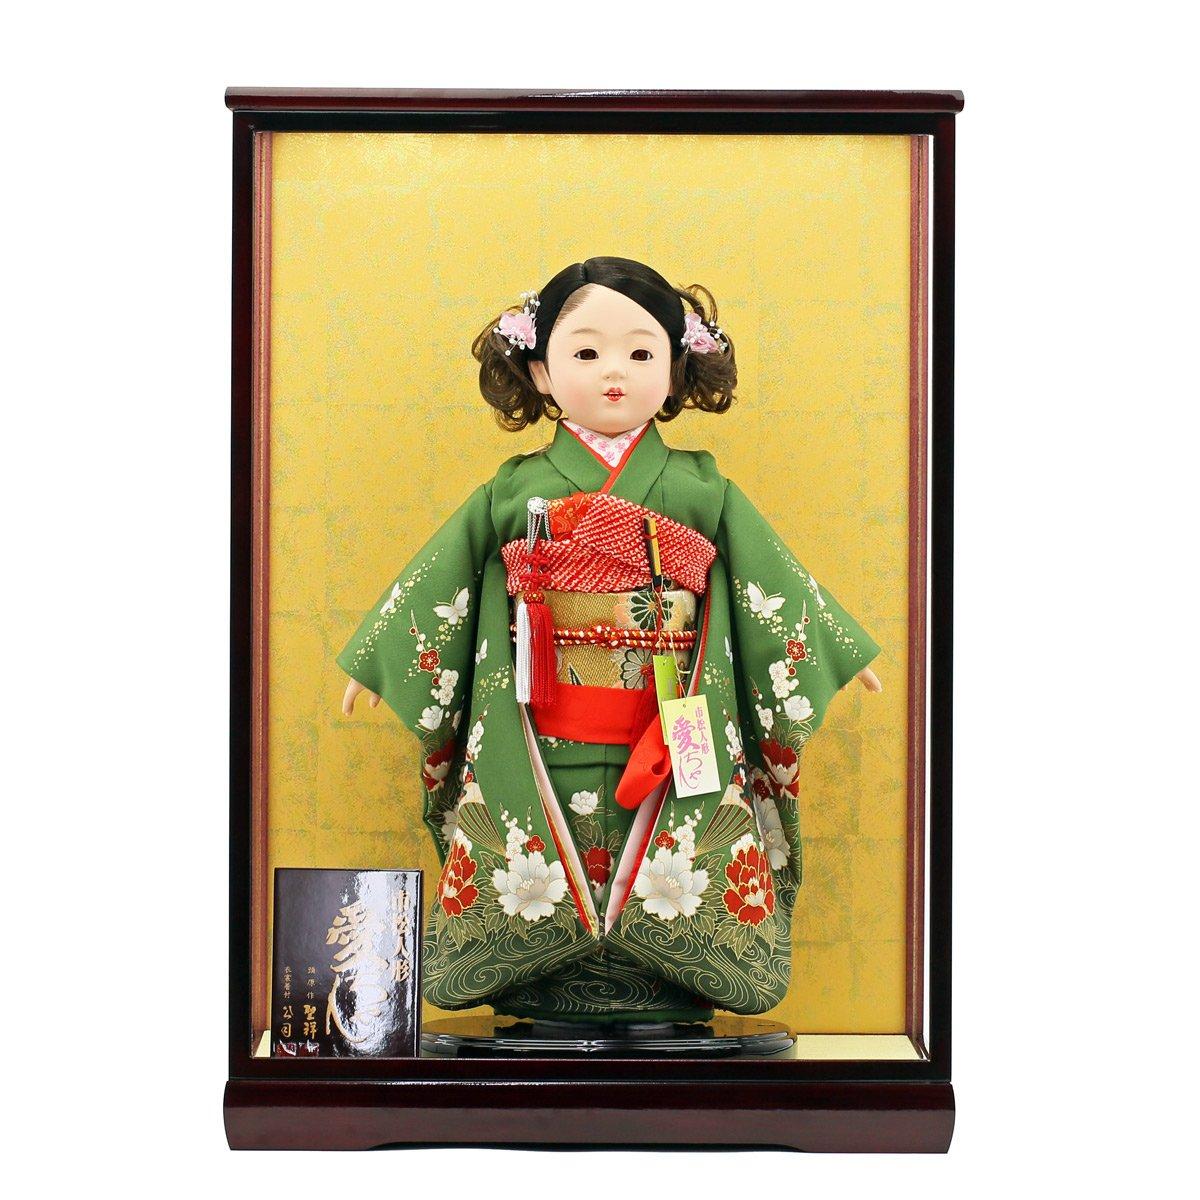 人形工房天祥 雛人形 市松人形 ケース飾り 限定オリジナル 公司作 「お出迎え人形 市松人形13号 ケース入り」 横幅42×奥行31×高さ60(cm)   B00TGHVIF4